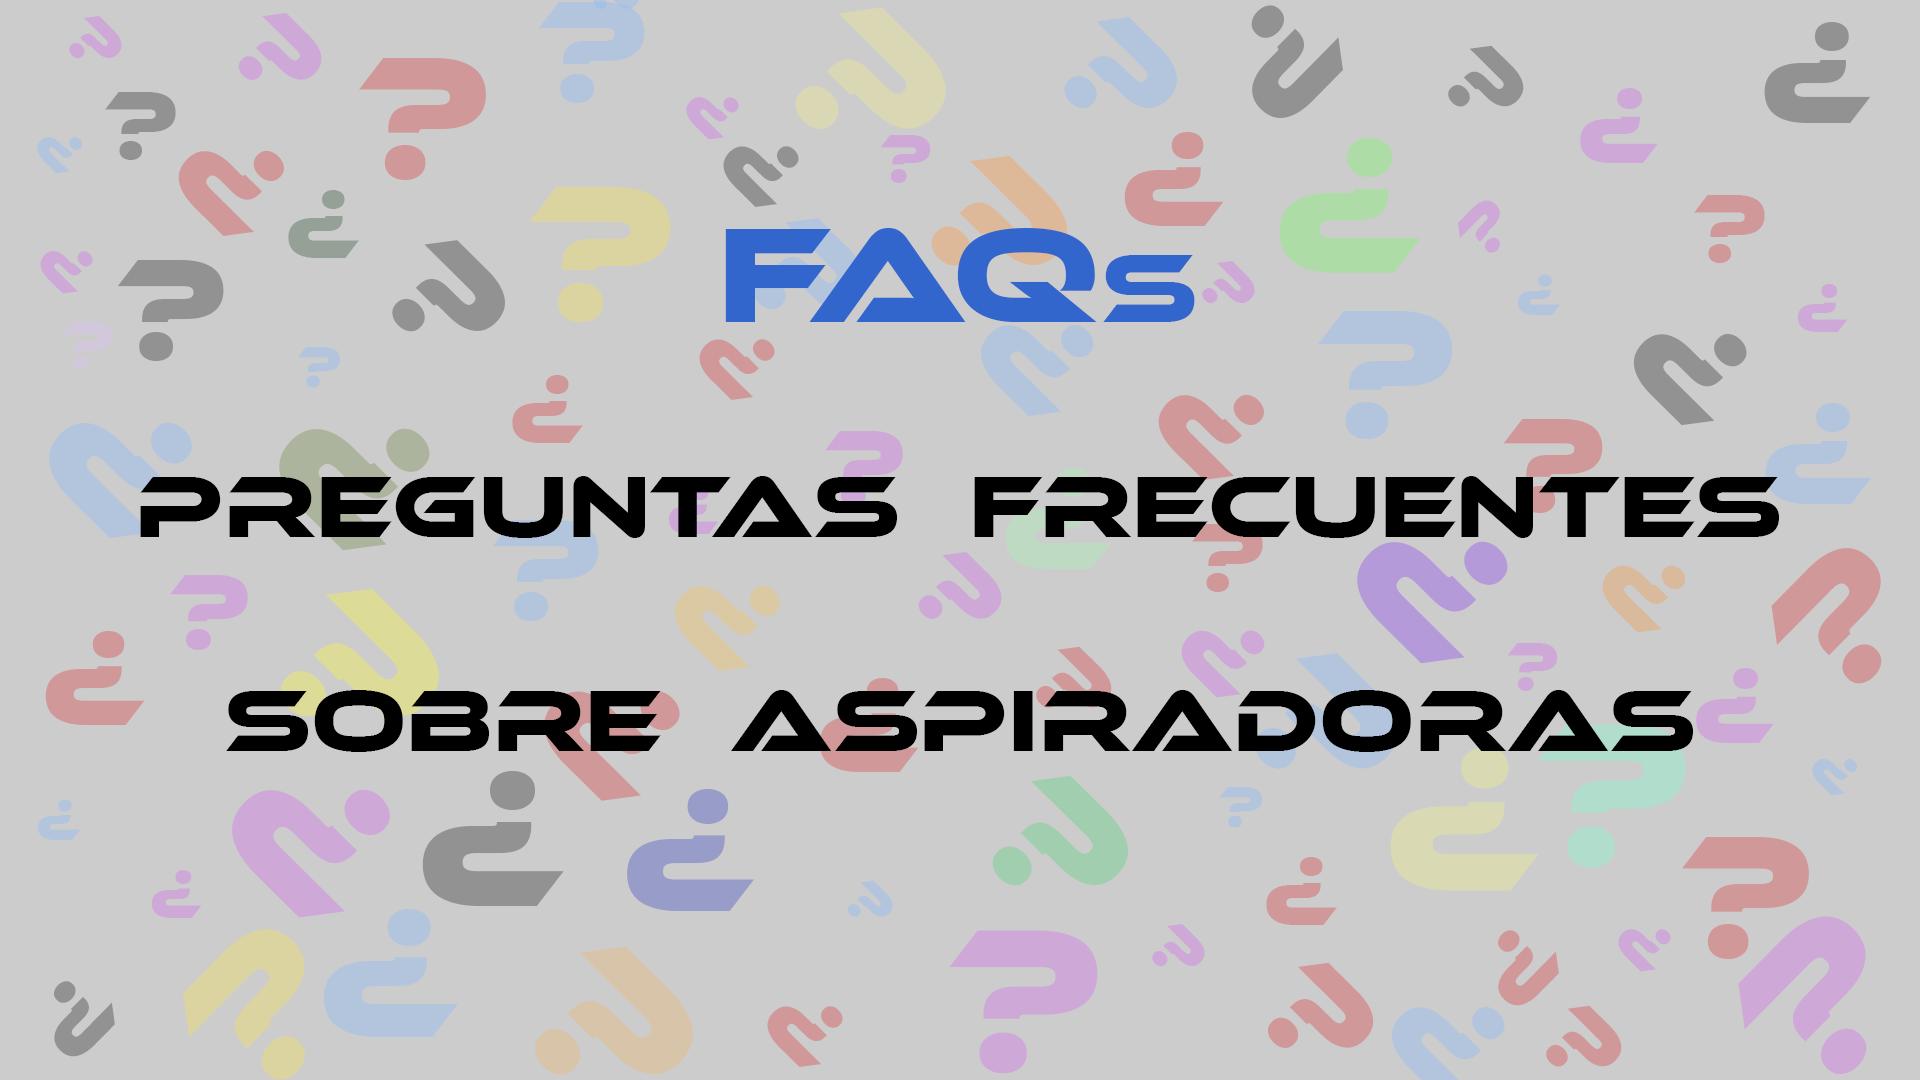 FAQs - Preguntas frecuentes sobre aspiradoras.